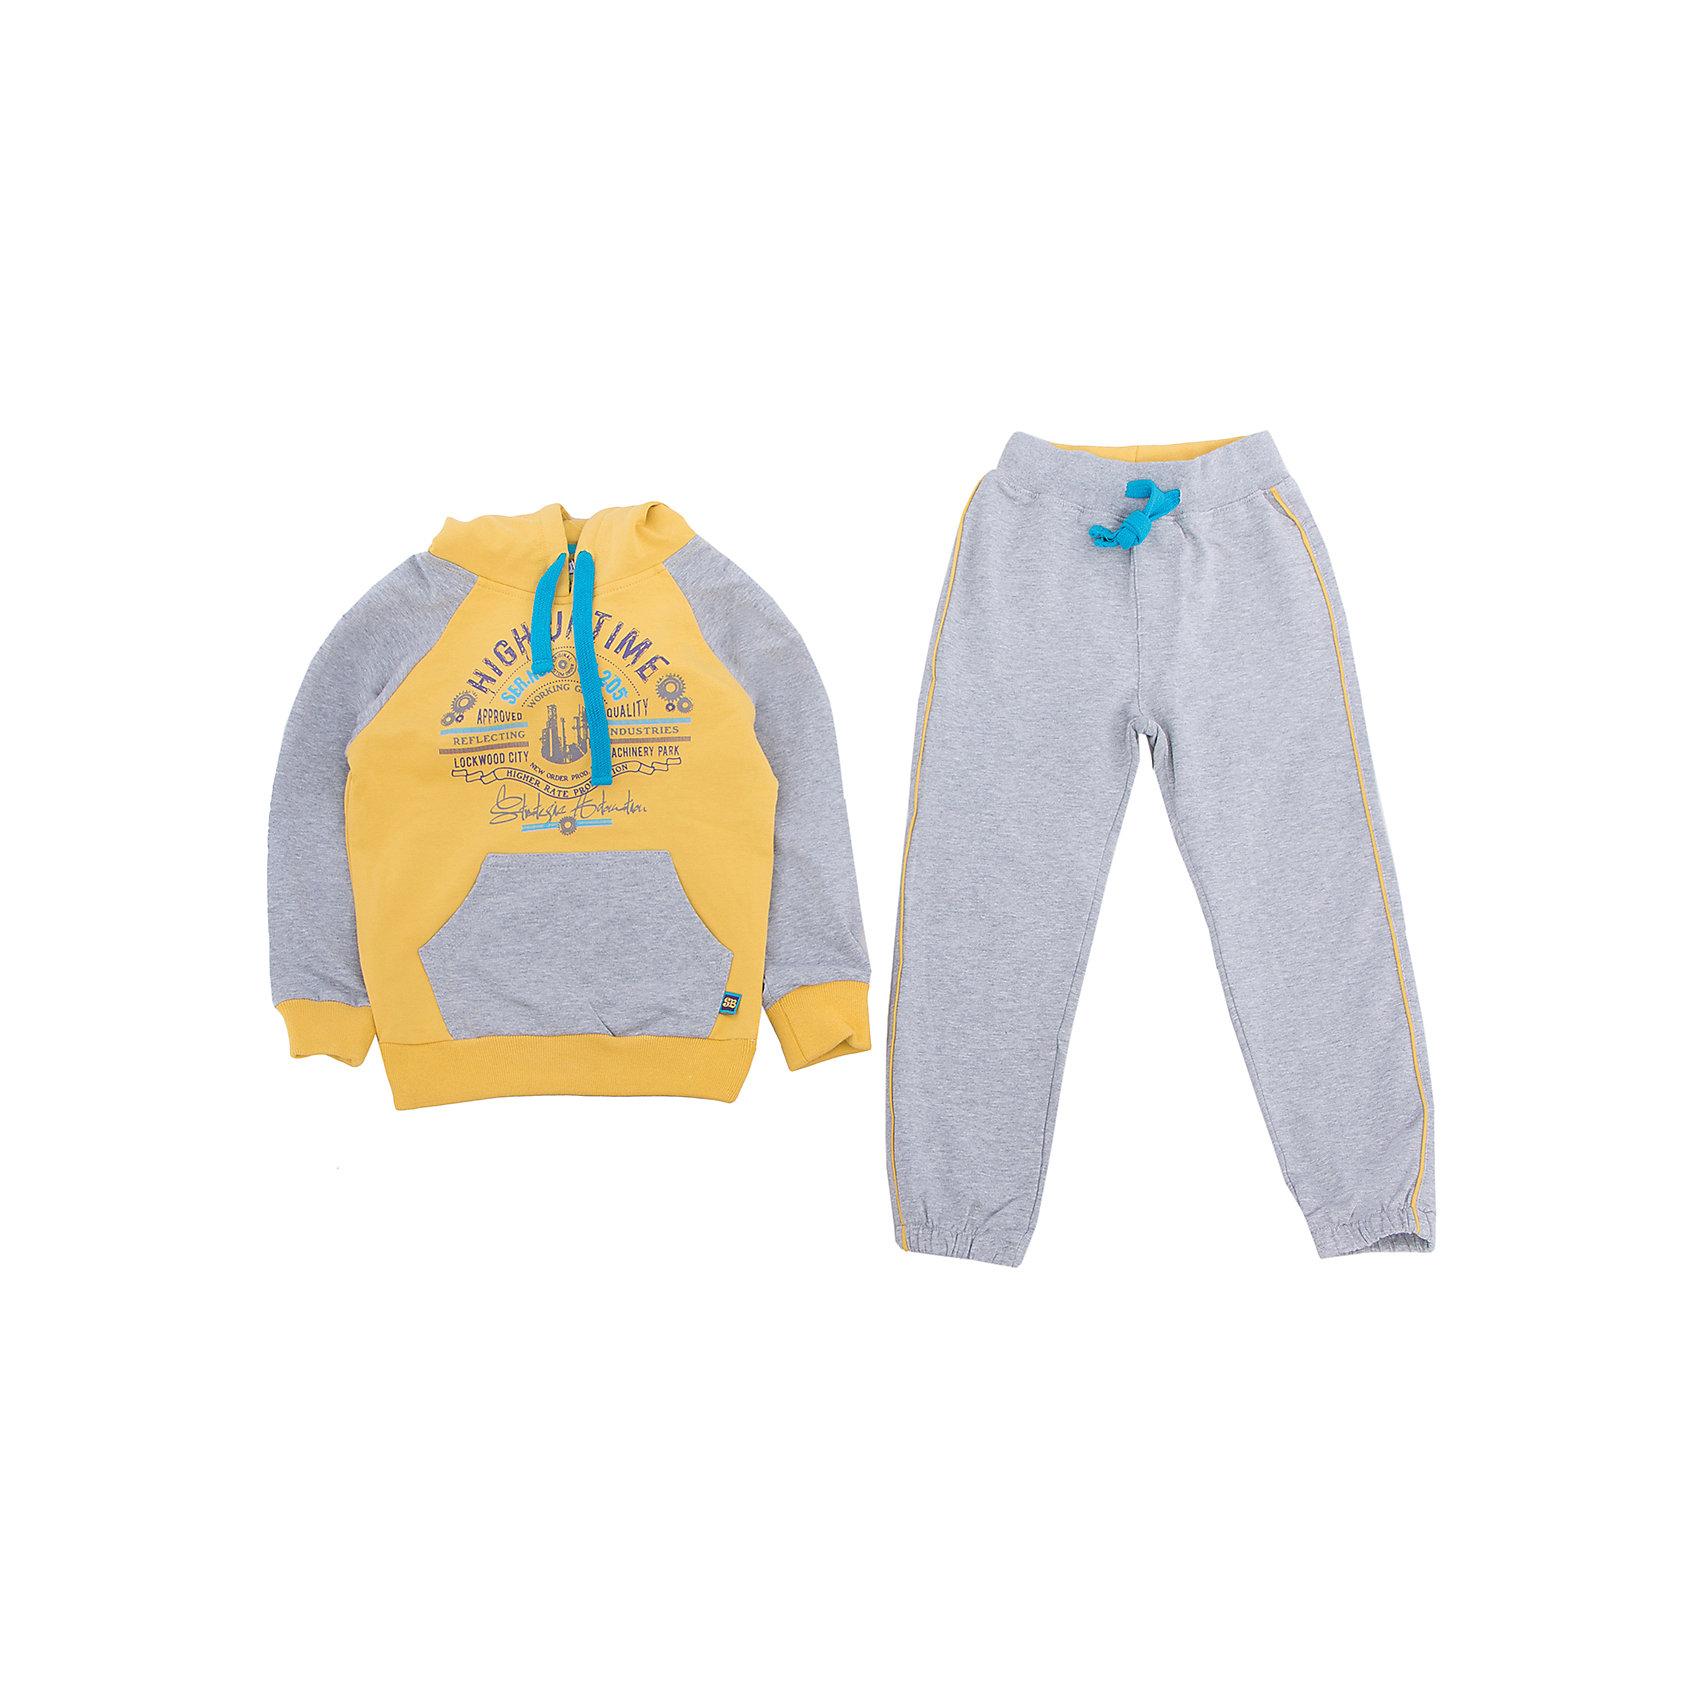 Спортивный костюм для мальчика Sweet BerryСпортивные костюмы<br>Спортивный костюм из серого меланжа с контрастной полочкой и капюшоном.  Спереди карман кенгуру. Костюм декорирован принтом и контрастными кантами.<br>Состав:<br>95% хлопок, 5% эластан<br><br>Ширина мм: 247<br>Глубина мм: 16<br>Высота мм: 140<br>Вес г: 225<br>Цвет: серый/желтый<br>Возраст от месяцев: 72<br>Возраст до месяцев: 84<br>Пол: Мужской<br>Возраст: Детский<br>Размер: 122,110,116,104,98,128<br>SKU: 4273410